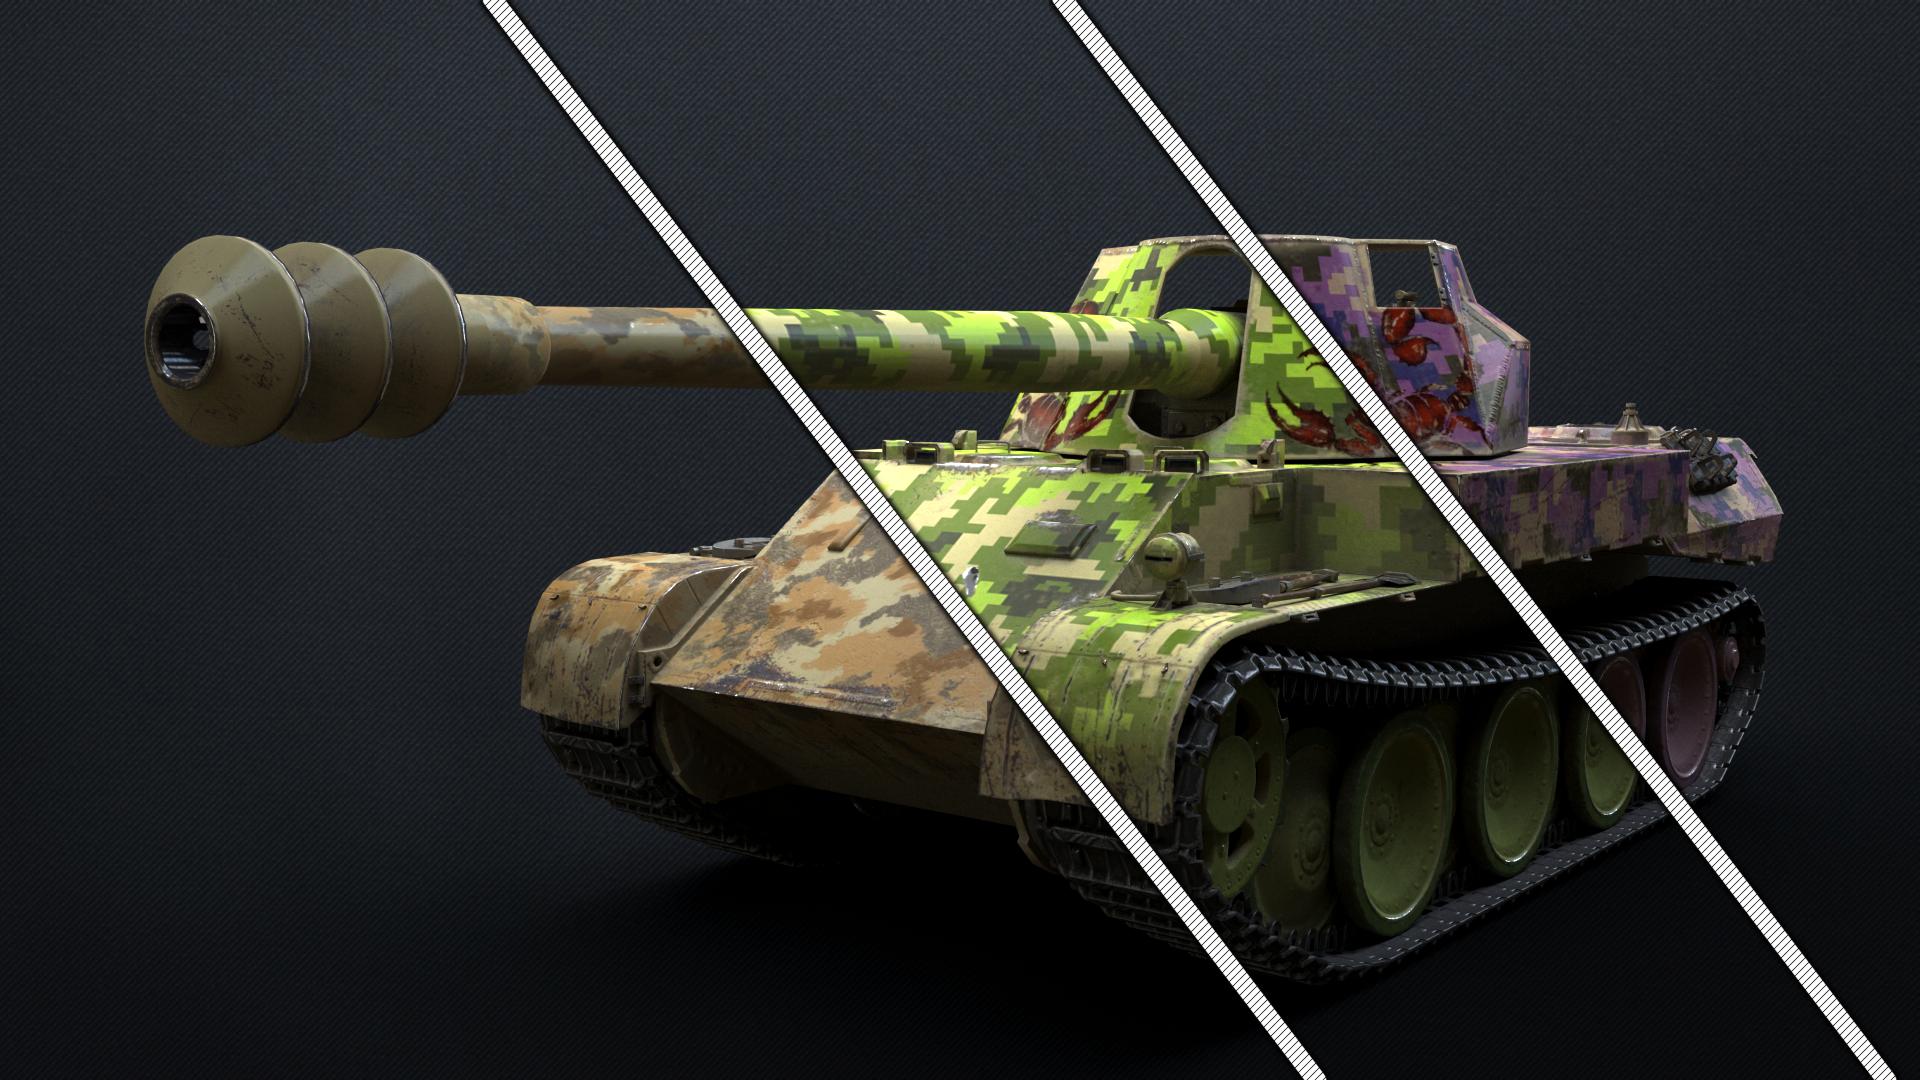 Примерная минимальная цена будет составлять рублей за сам танк и постоянный песочный камуфляж с изображением скорпиона, скорее всего будут представлены различные пакеты продаж с rheinmetall skorpion g.